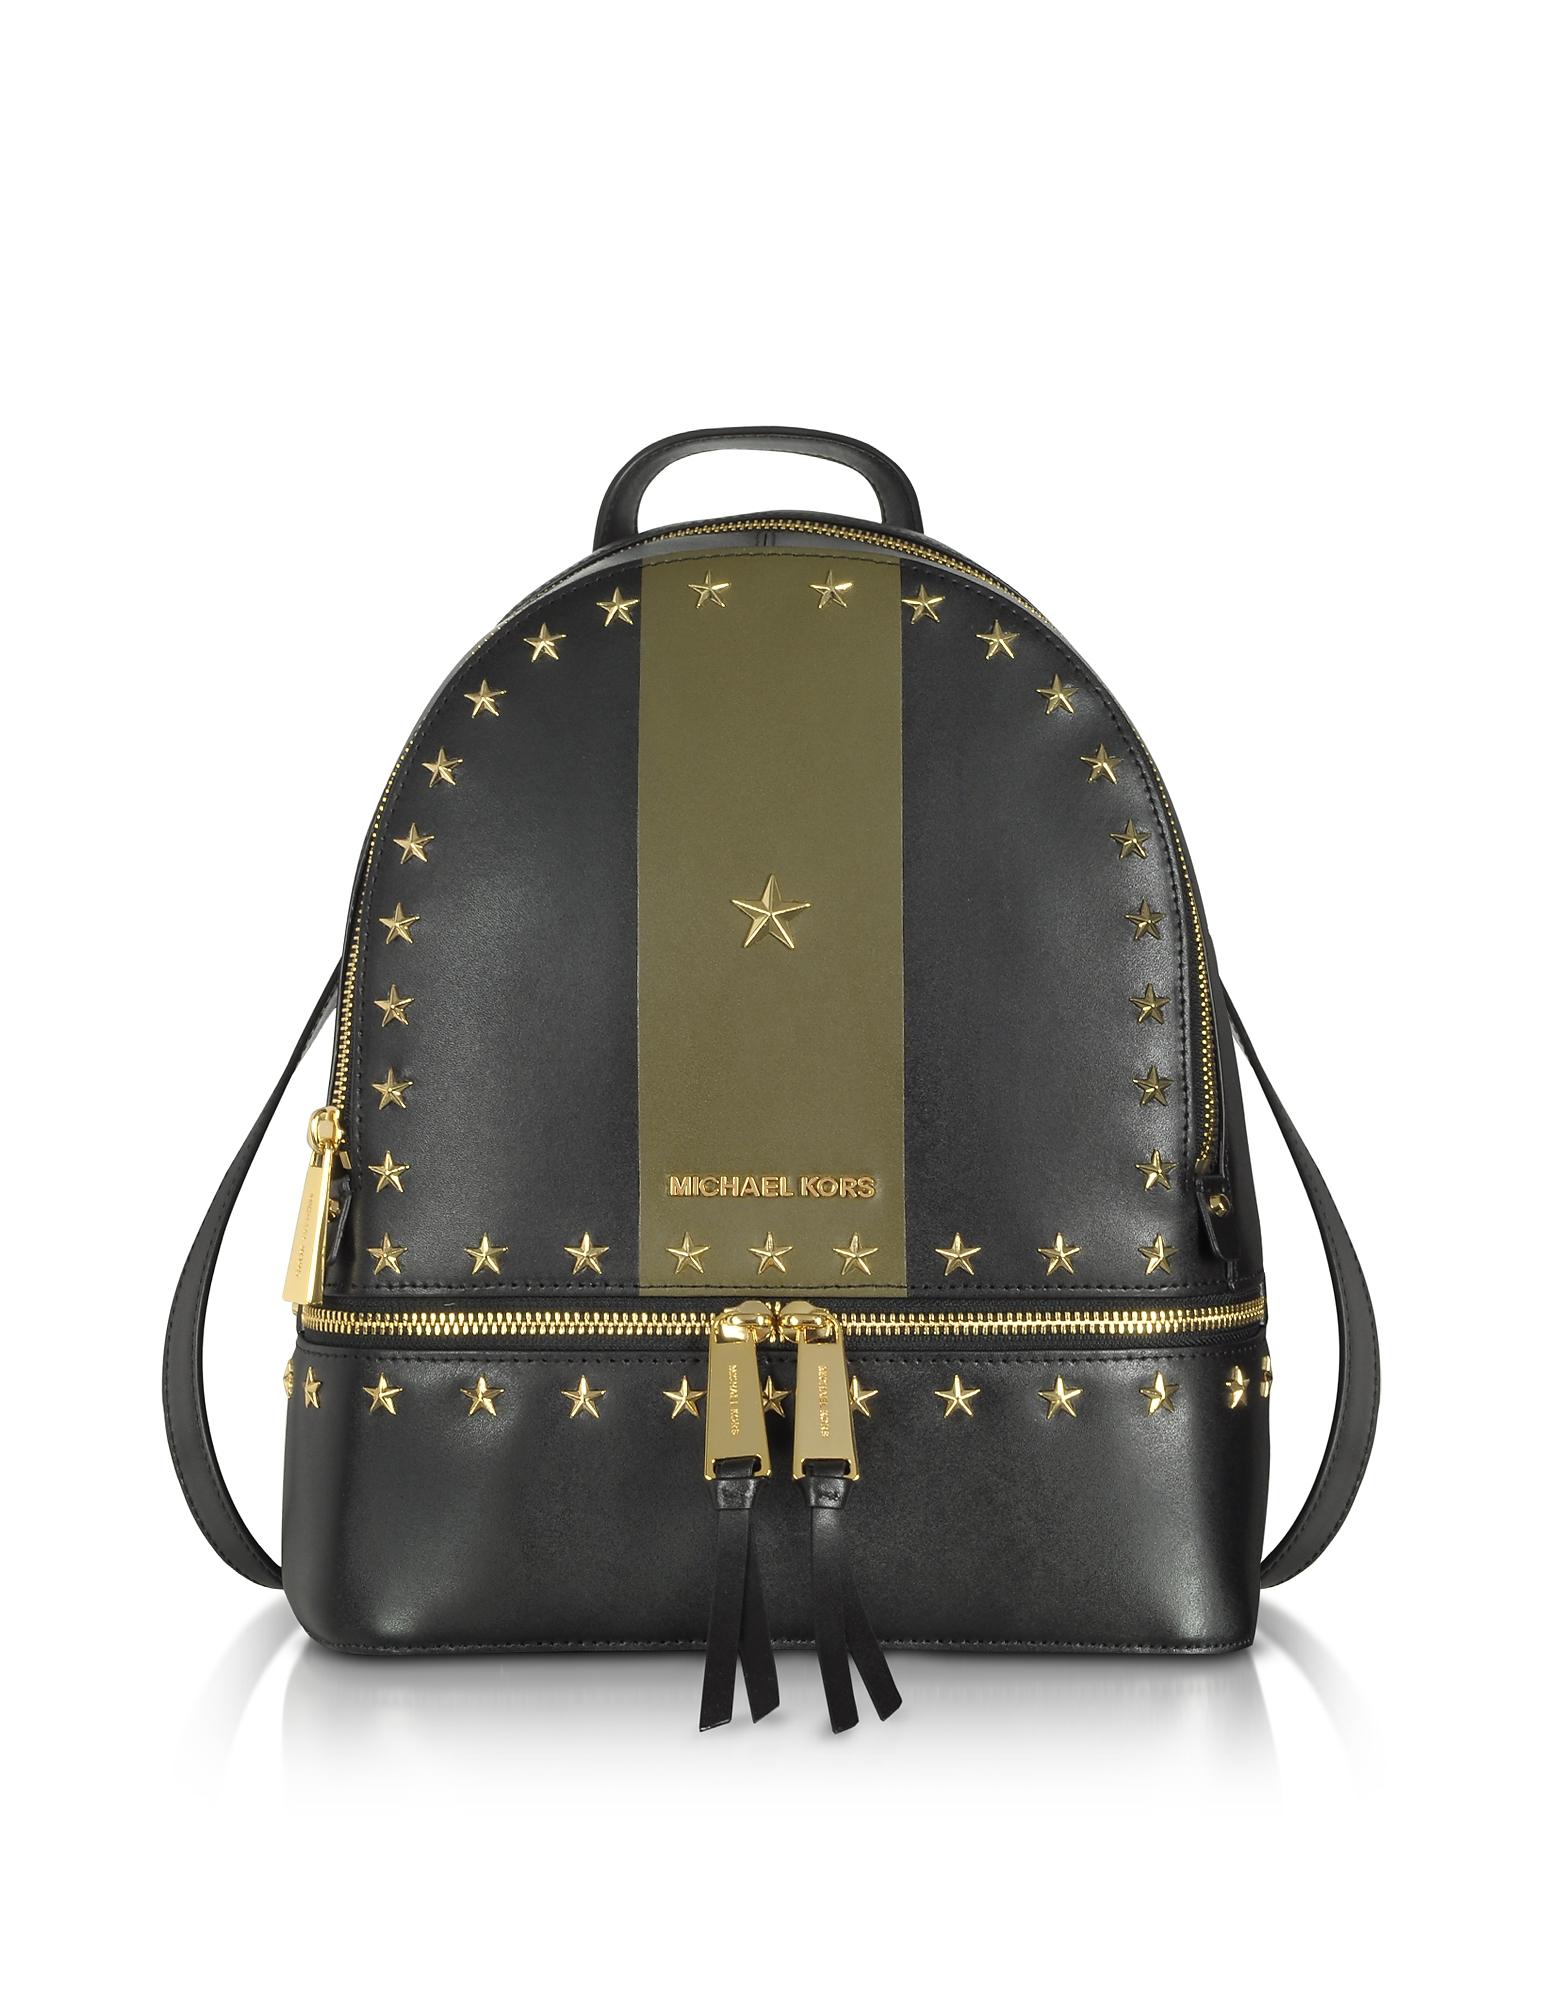 Rhea Zip Medium Black and Olive Leather Backpack w/Stars